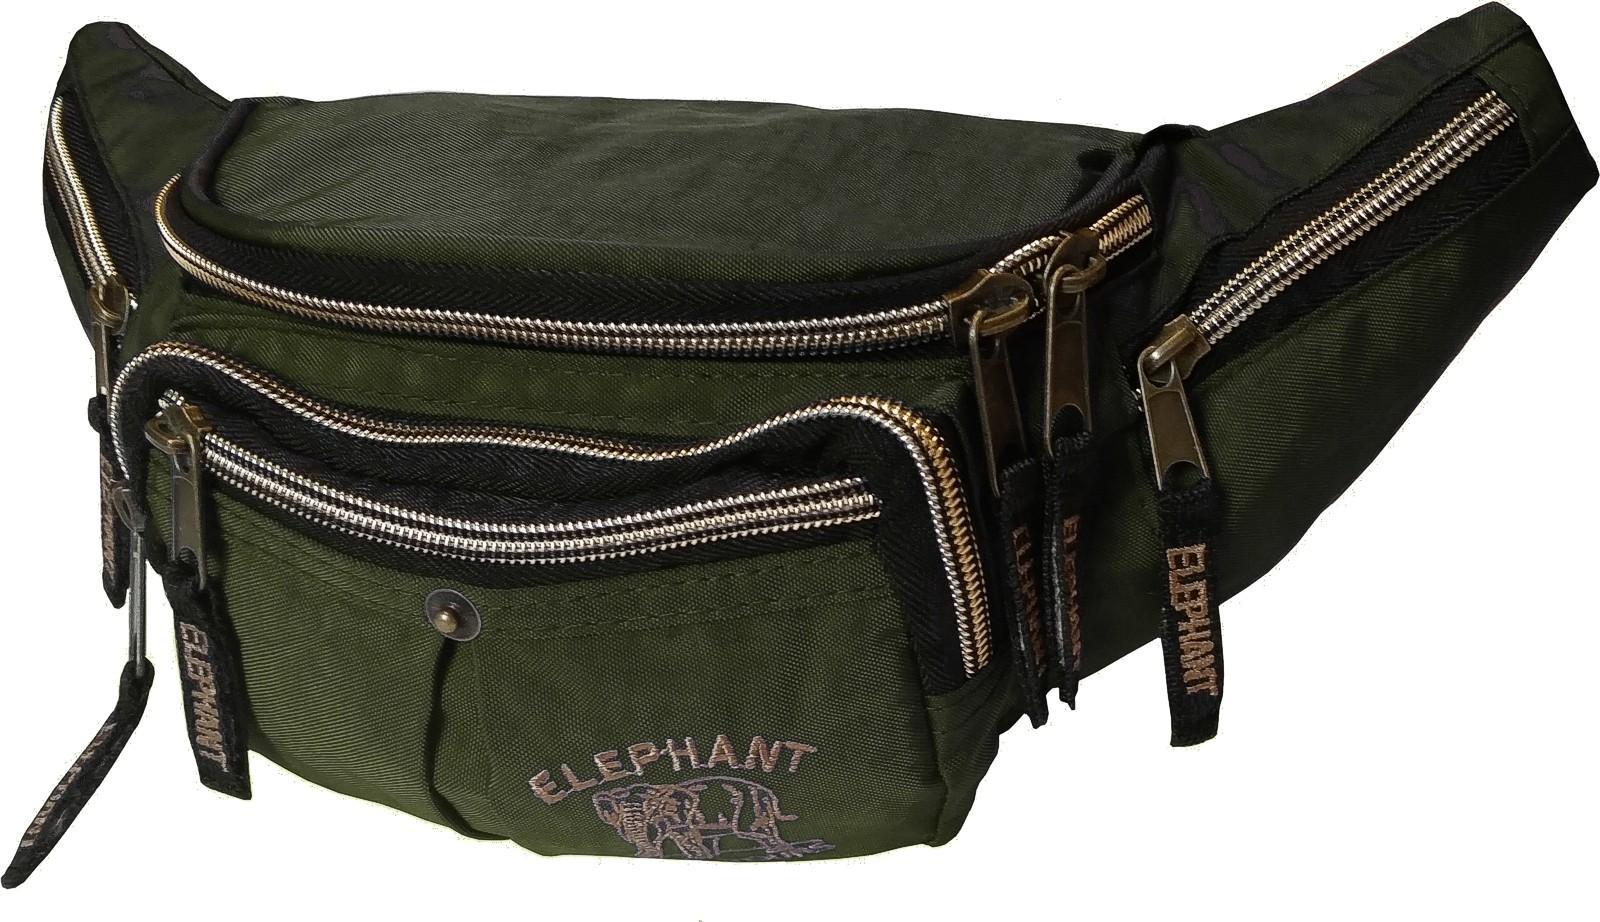 Bauchtasche Gürteltasche »Elephant World Tours« Oliv